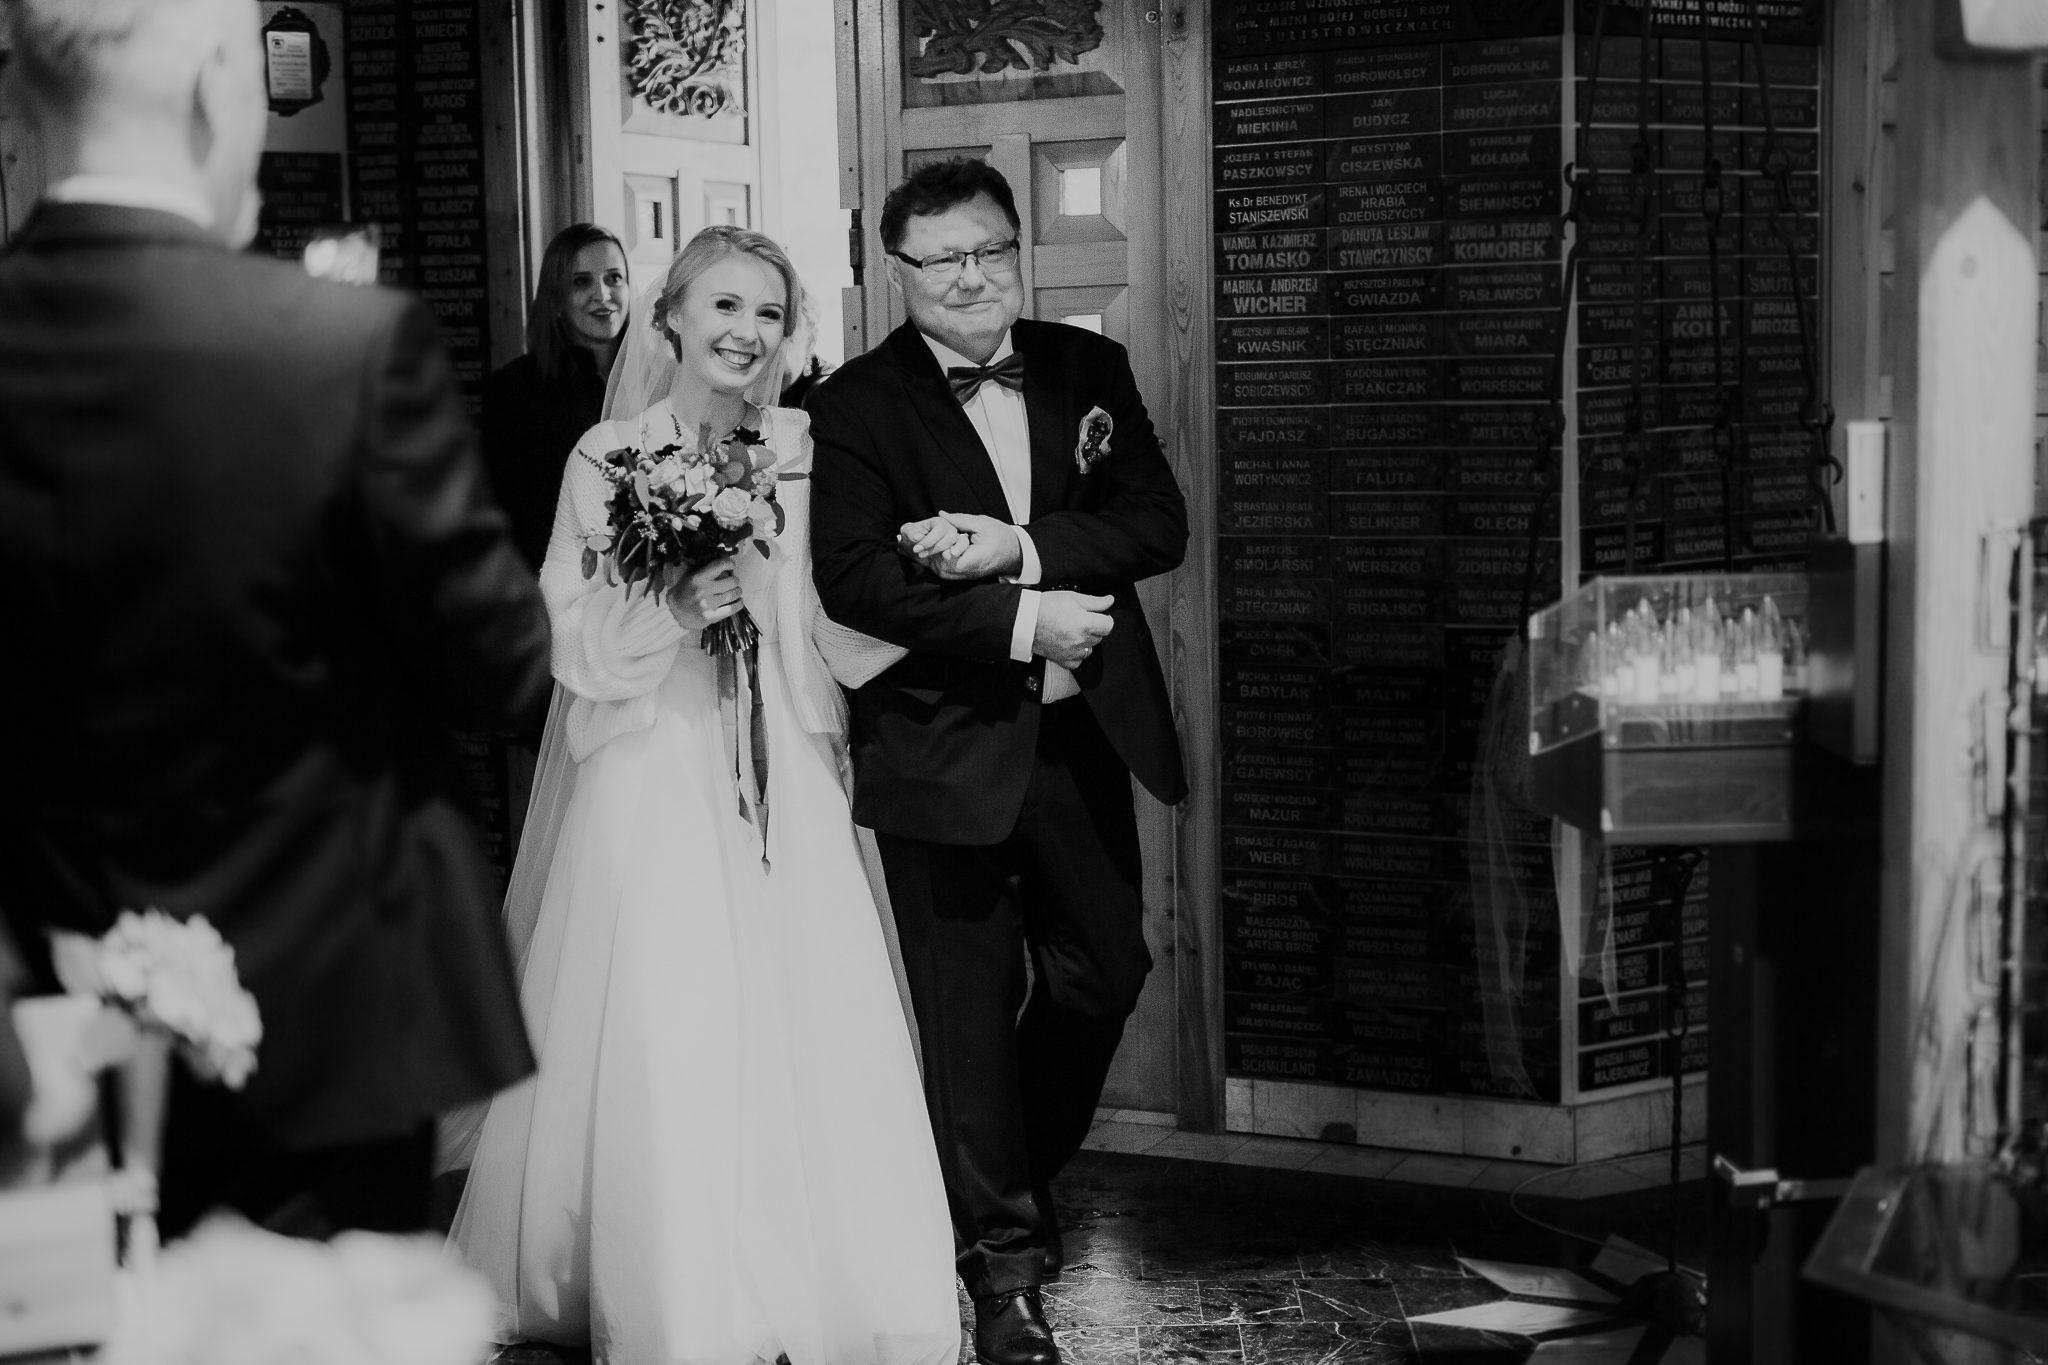 slub-wesele-wroclaw-mieszko-i-jagienka-wedrowny-fotograf